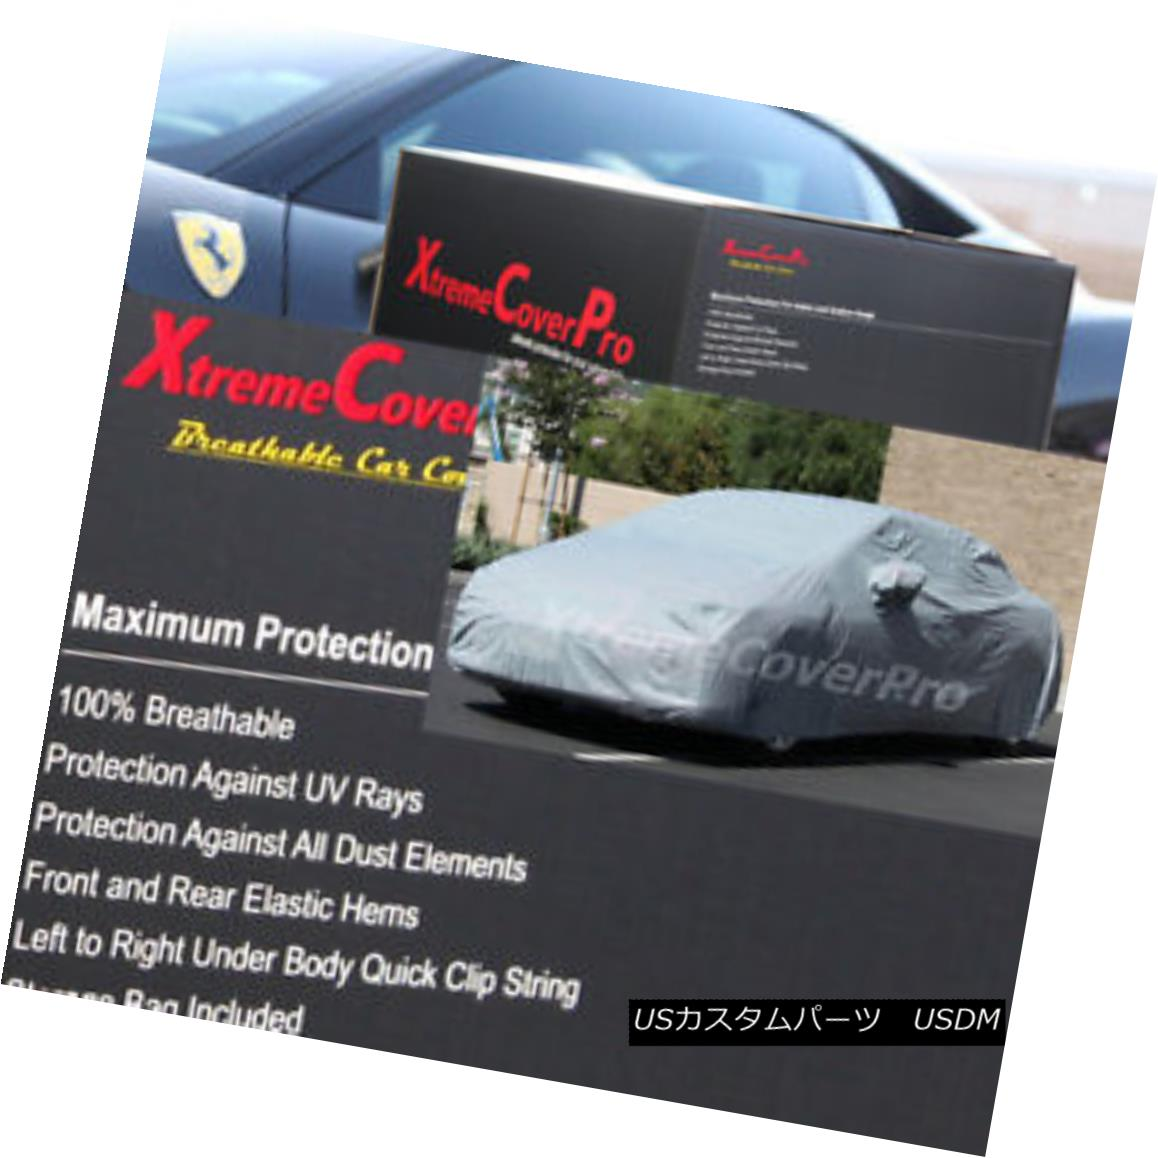 カーカバー 2015 MAZDA MAZDA3 4-DOOR SEDAN Breathable Car Cover w/Mirror Pockets - Gray 2015 MAZDA MAZDA3 4-DOOR SEDAN通気性の車カバー、ミラーポケット付き - グレー